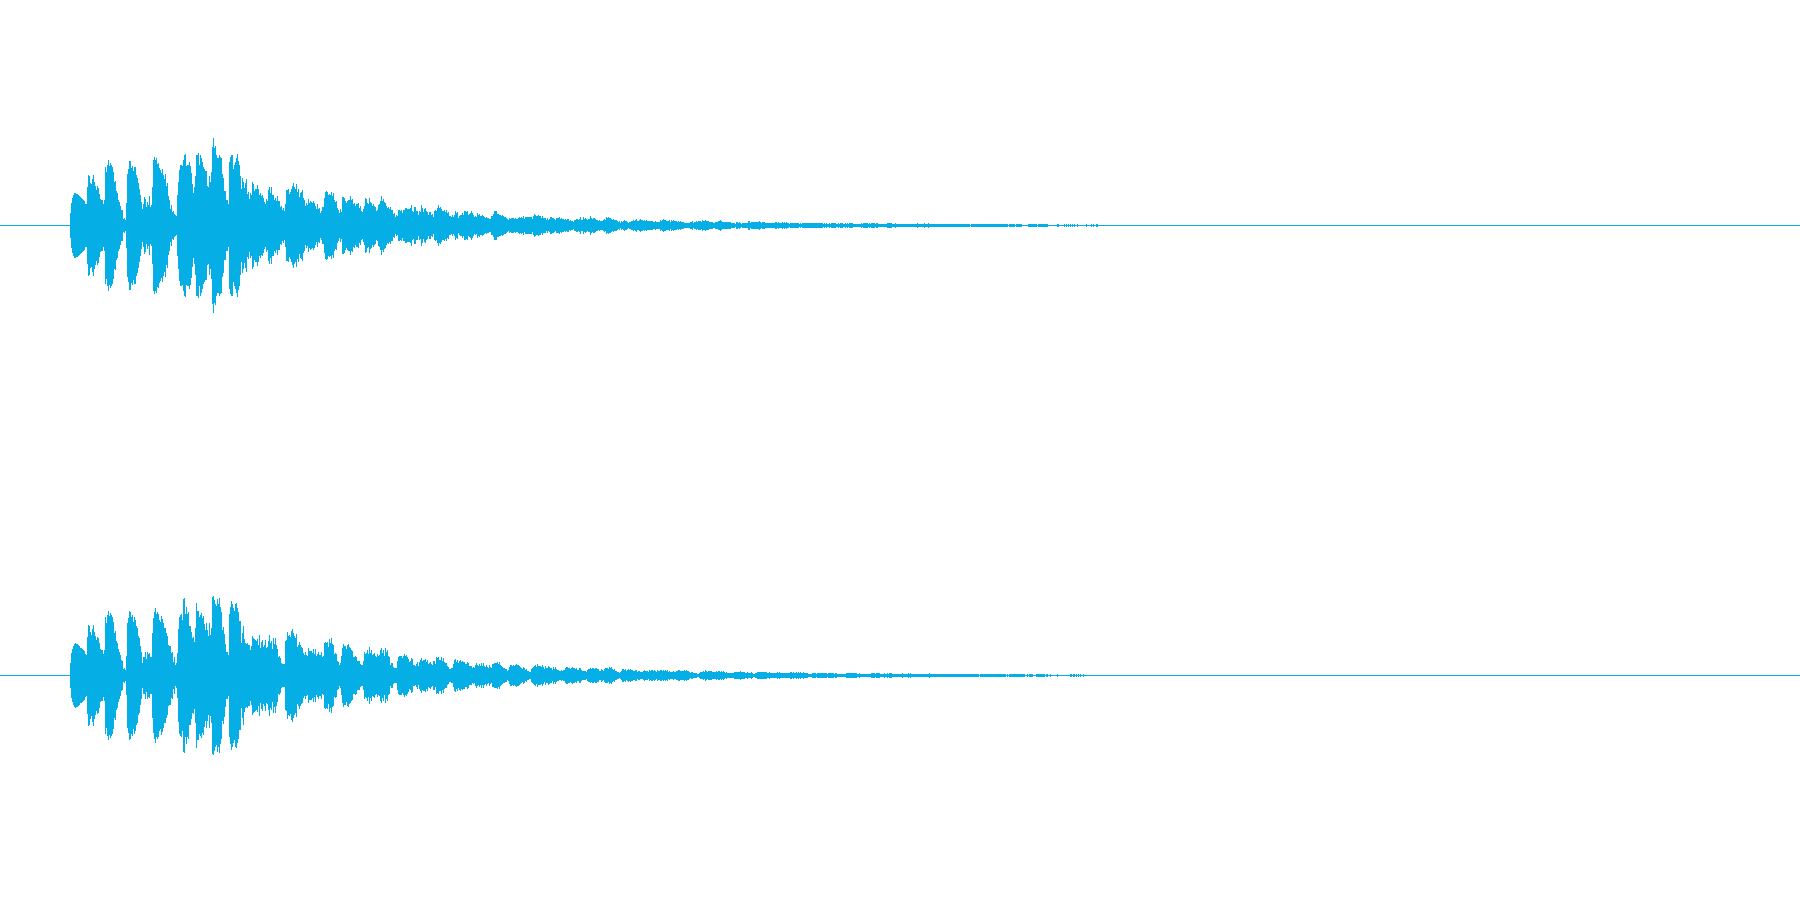 【ショートブリッジ17-4】の再生済みの波形